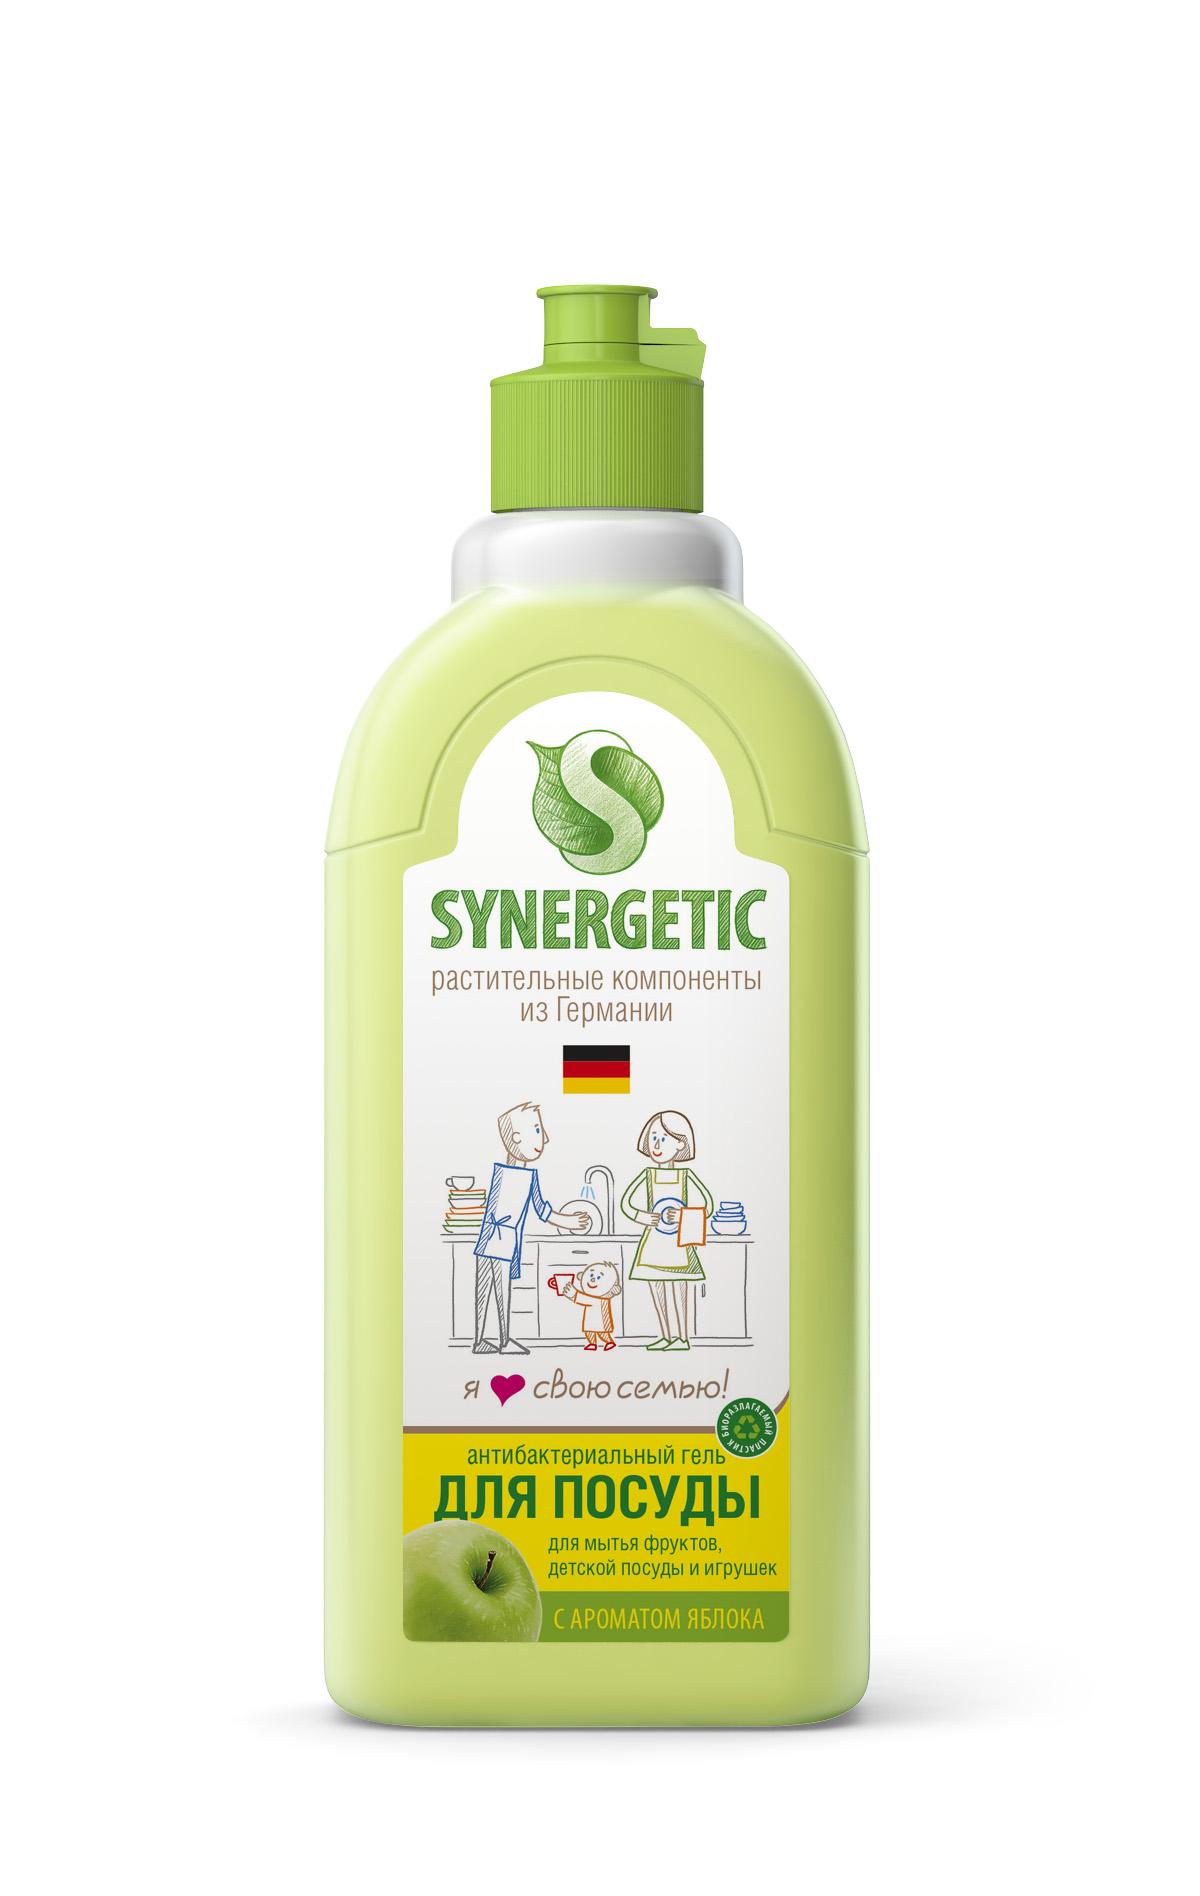 Средство для мытья посуды Synergetic, яблоко, 500 млSNG-103052Концентрированное средство Synergetic предназначено для мытья всех видов посуды. Обладает 100% смываемостью, подходит для мытья фруктов, детской посуды и игрушек. Удаляет жир в ледяной воде.Товар сертифицирован.Как выбрать качественную бытовую химию, безопасную для природы и людей. Статья OZON Гид